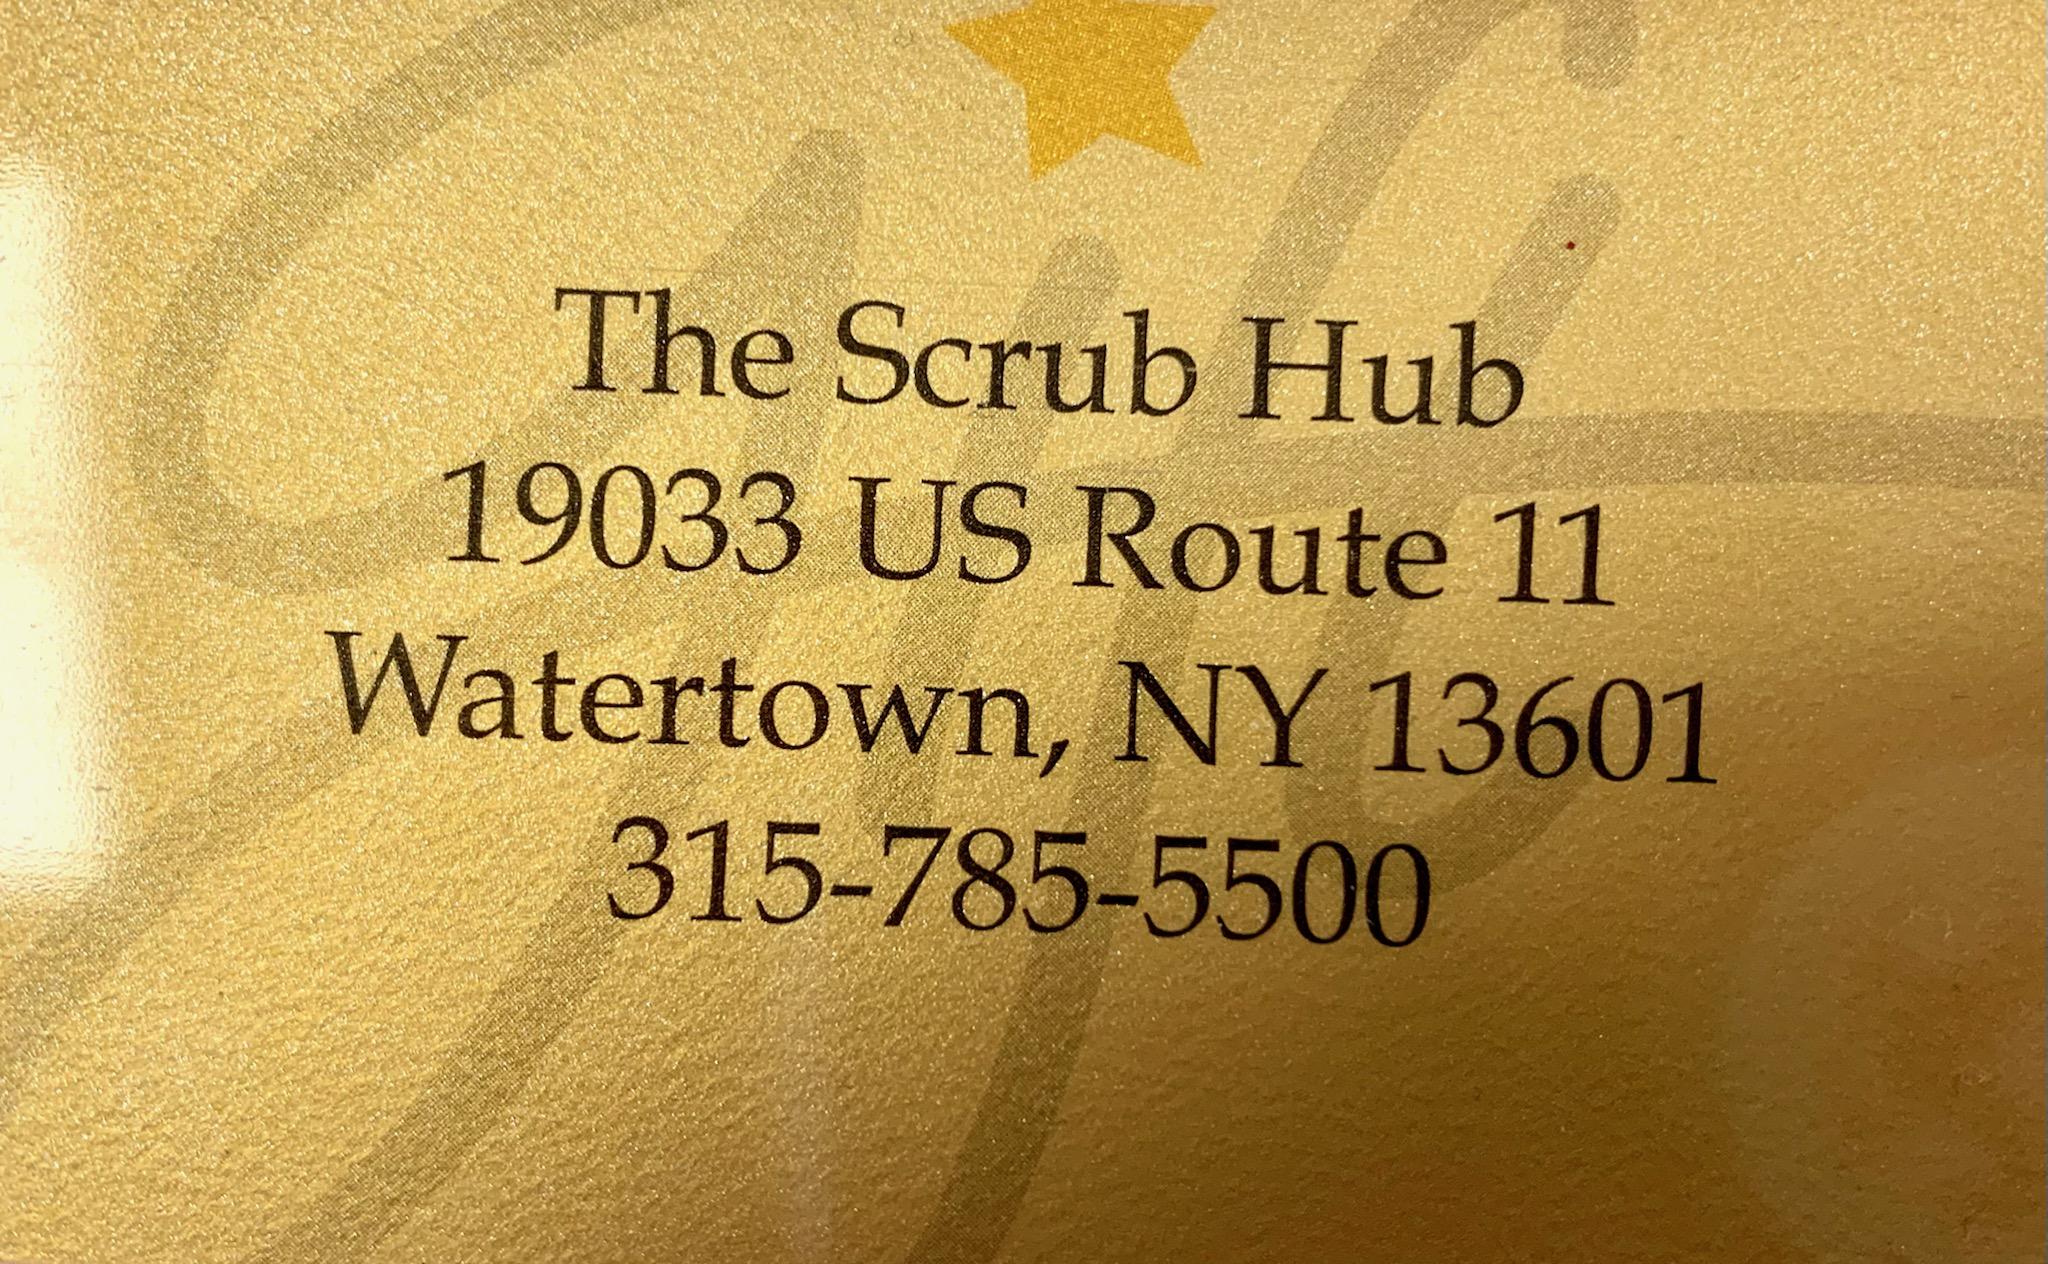 Gift Card $150-The Scrub Hub